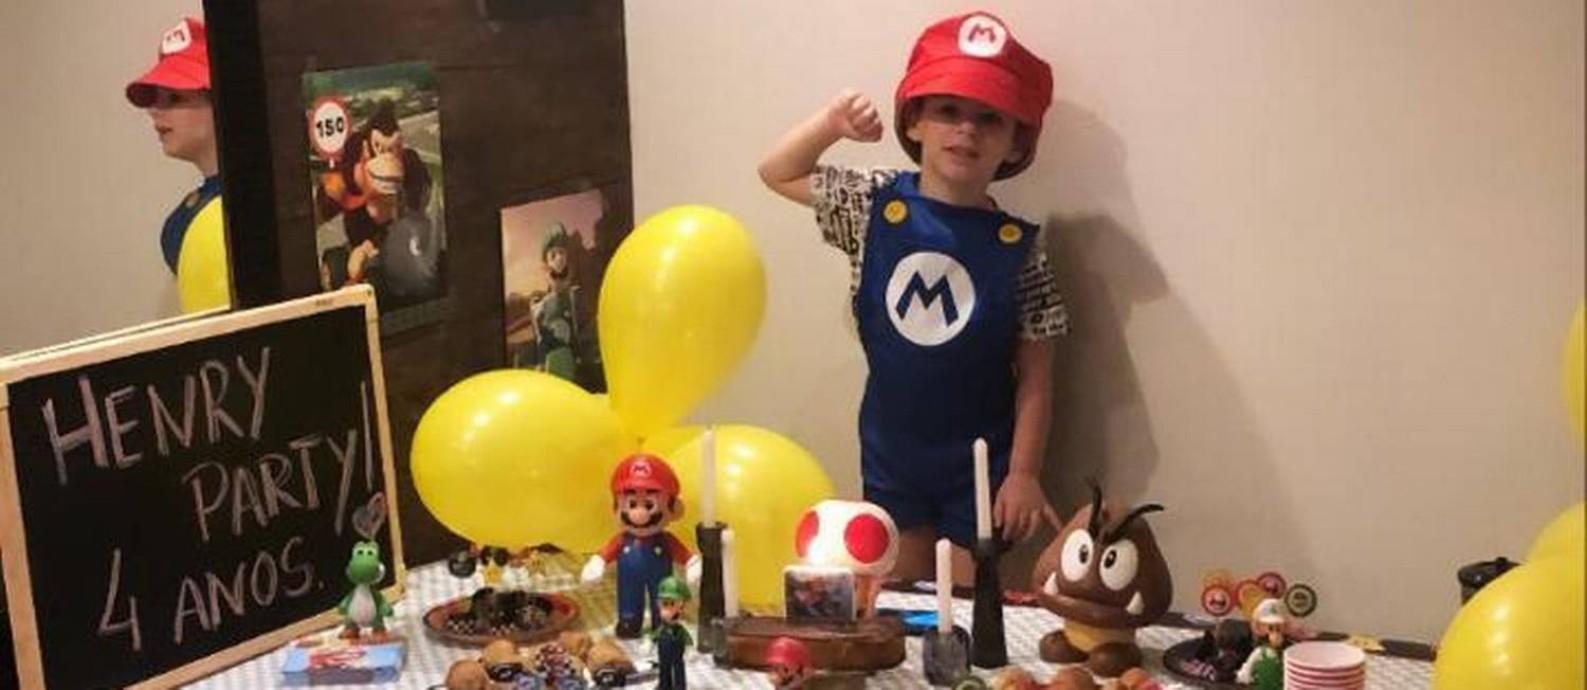 Henry em sua última festa de aniversário, de quatro anos: pai do menino compartilhou foto nas redes Foto: Arquivo pessoal